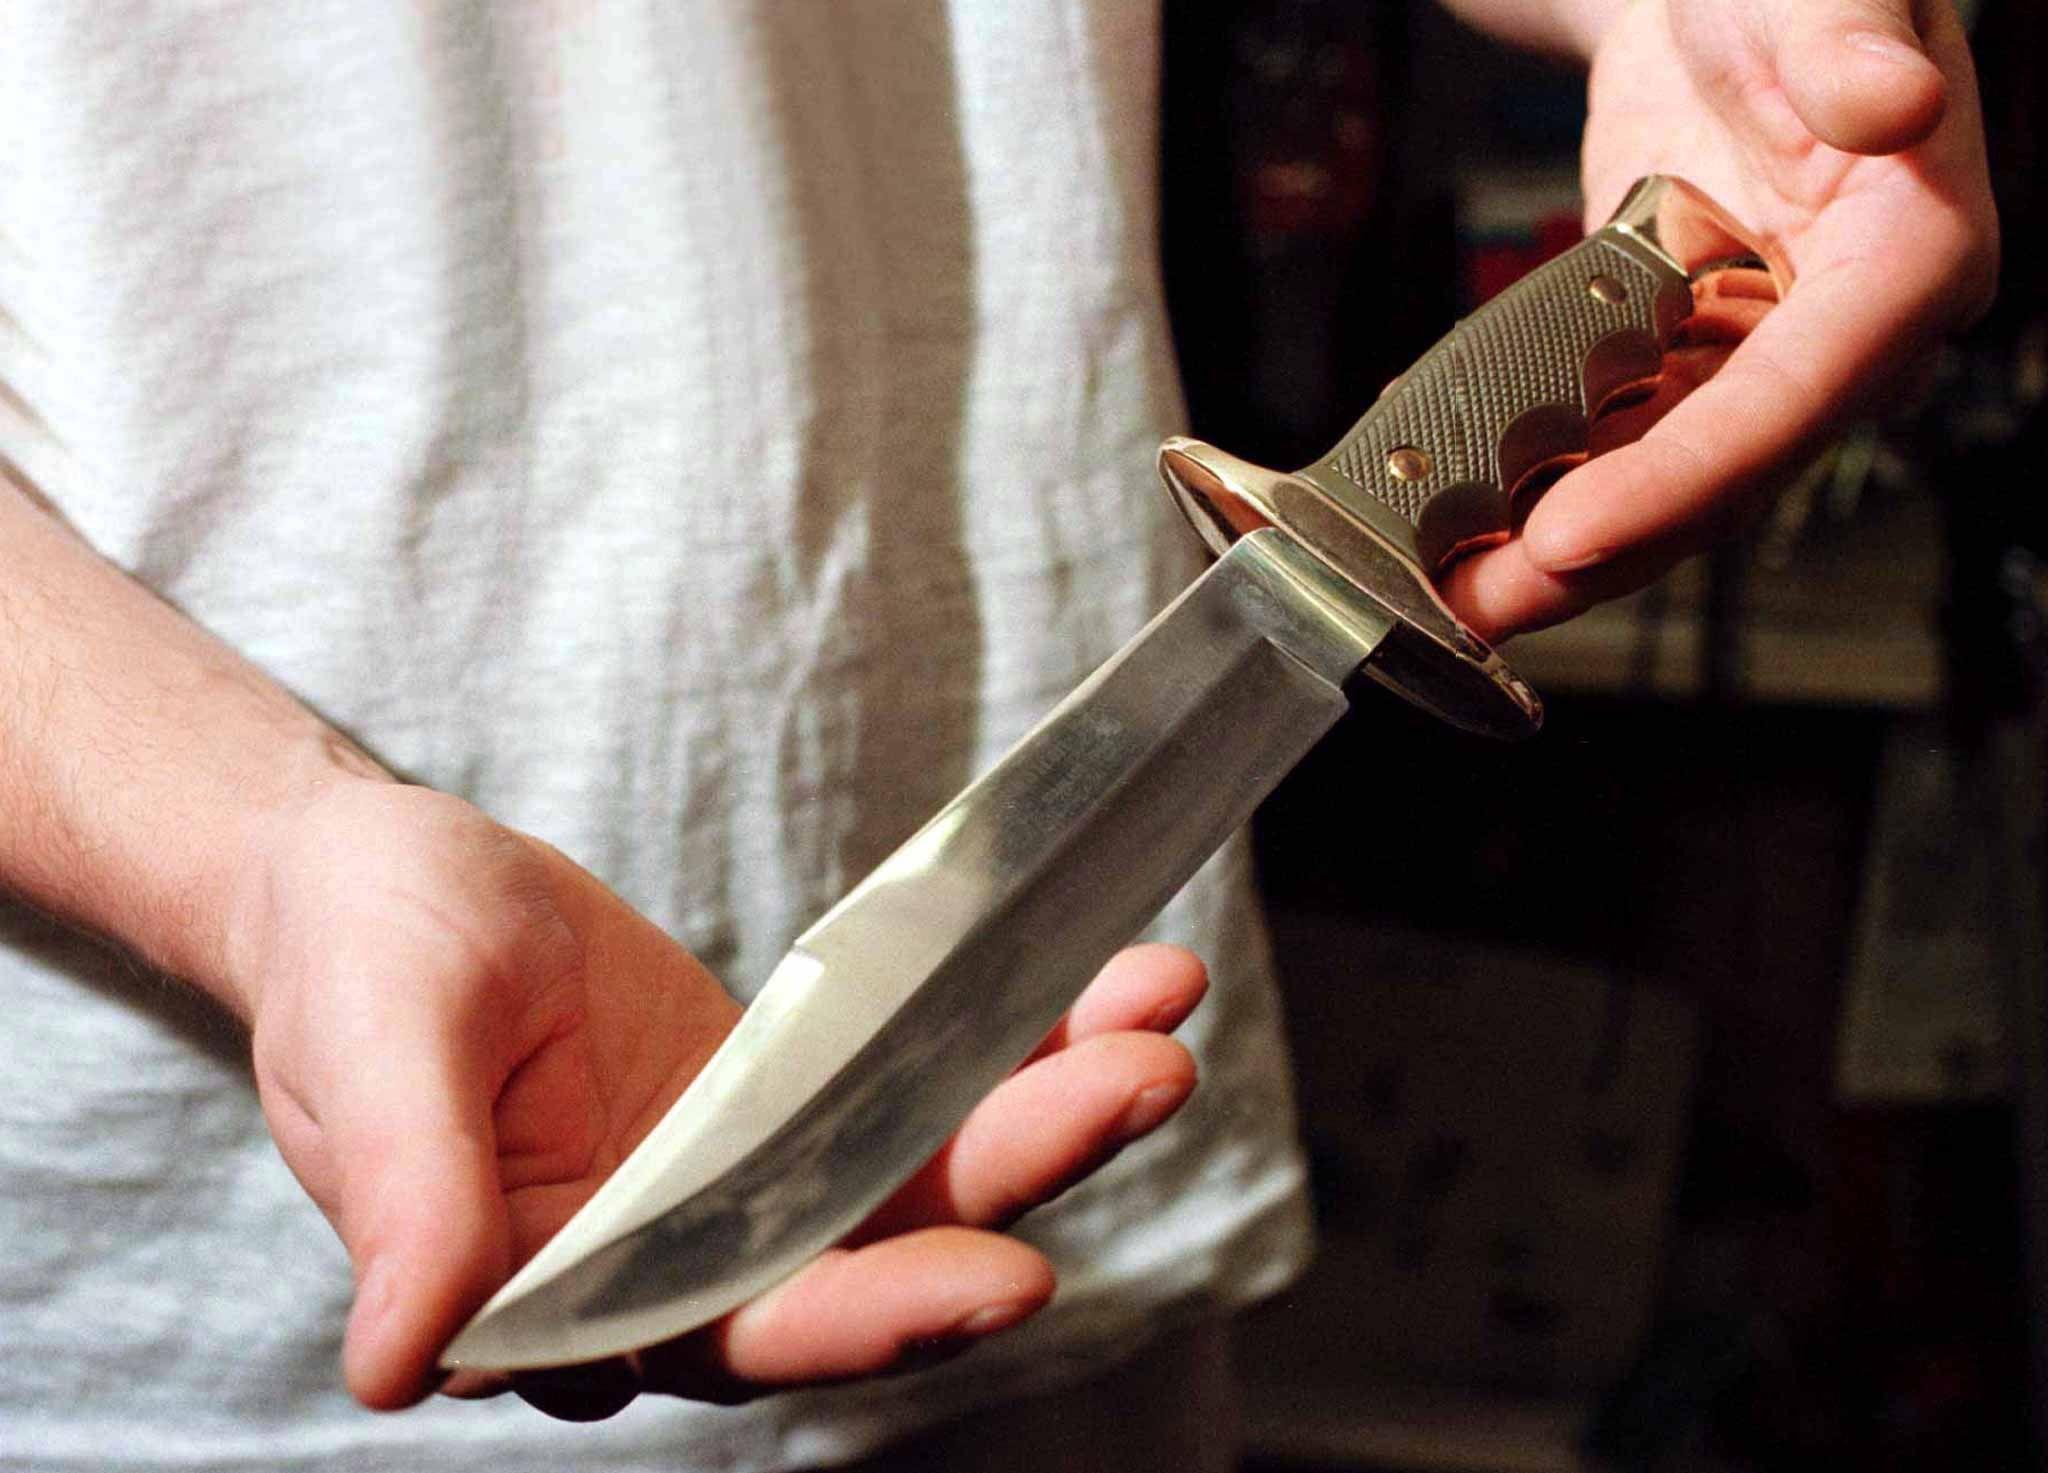 0114_knife